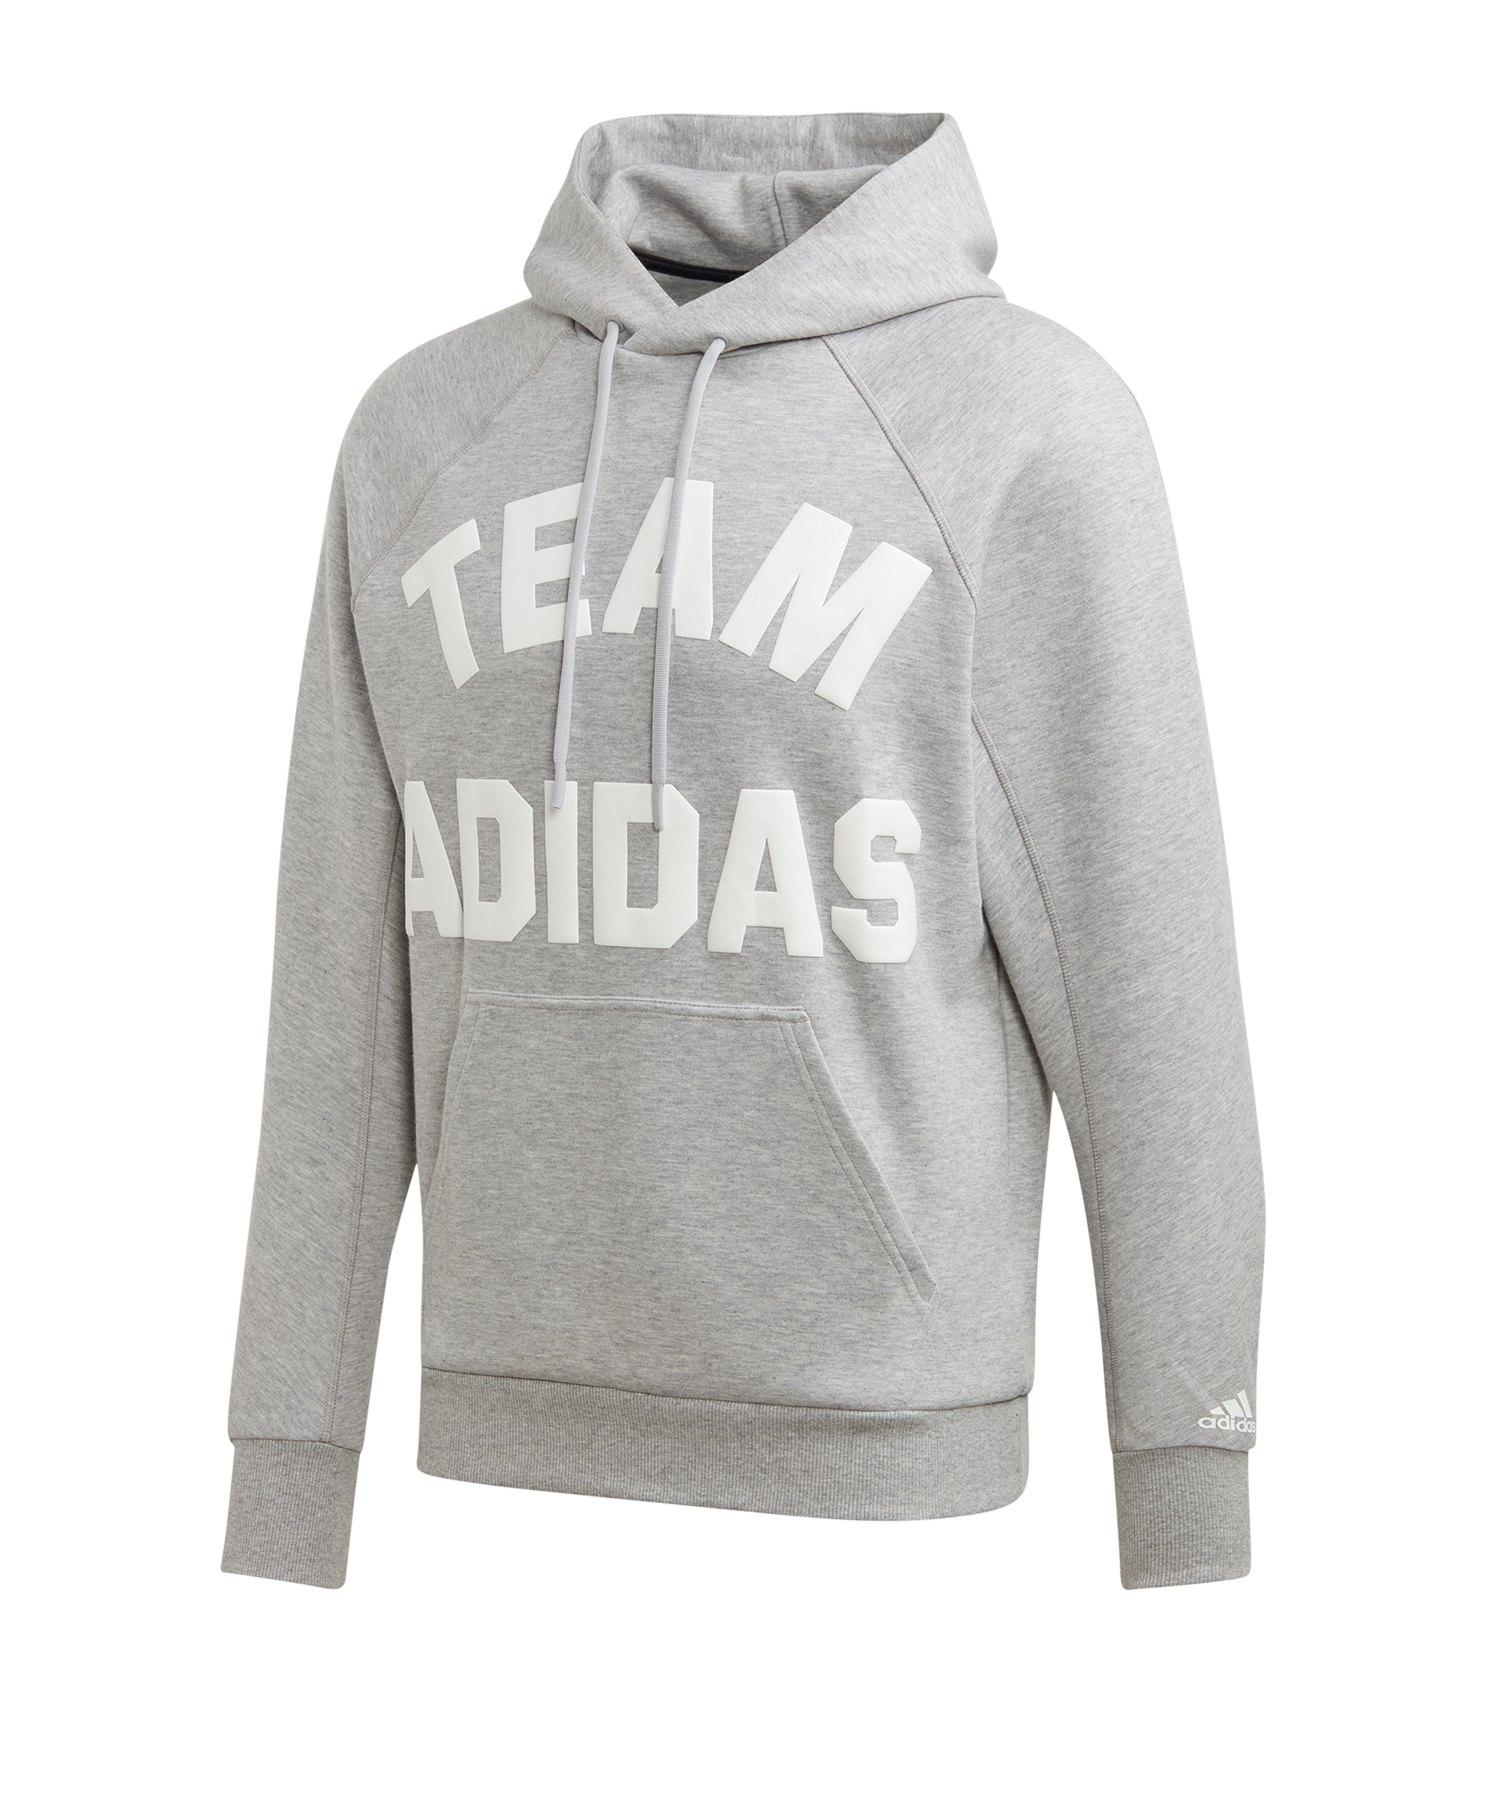 adidas VRCT Hoody Kapuzensweatshirt Grau - grau